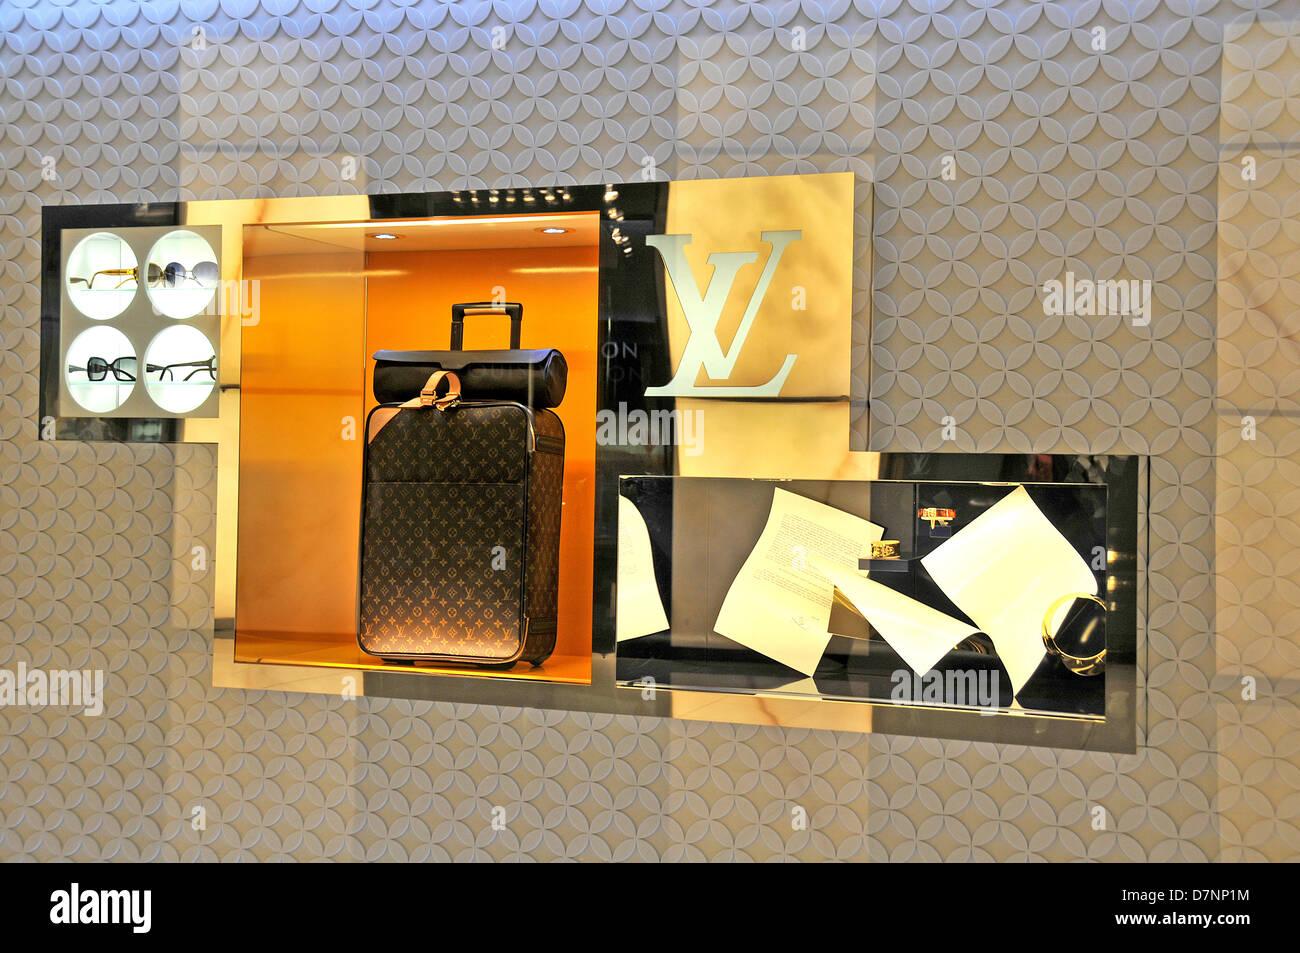 9fdcf123be Finestra di Louis Vuitton valigia boutique del centro commerciale di Dubai  EMIRATI ARABI UNITI Immagini Stock